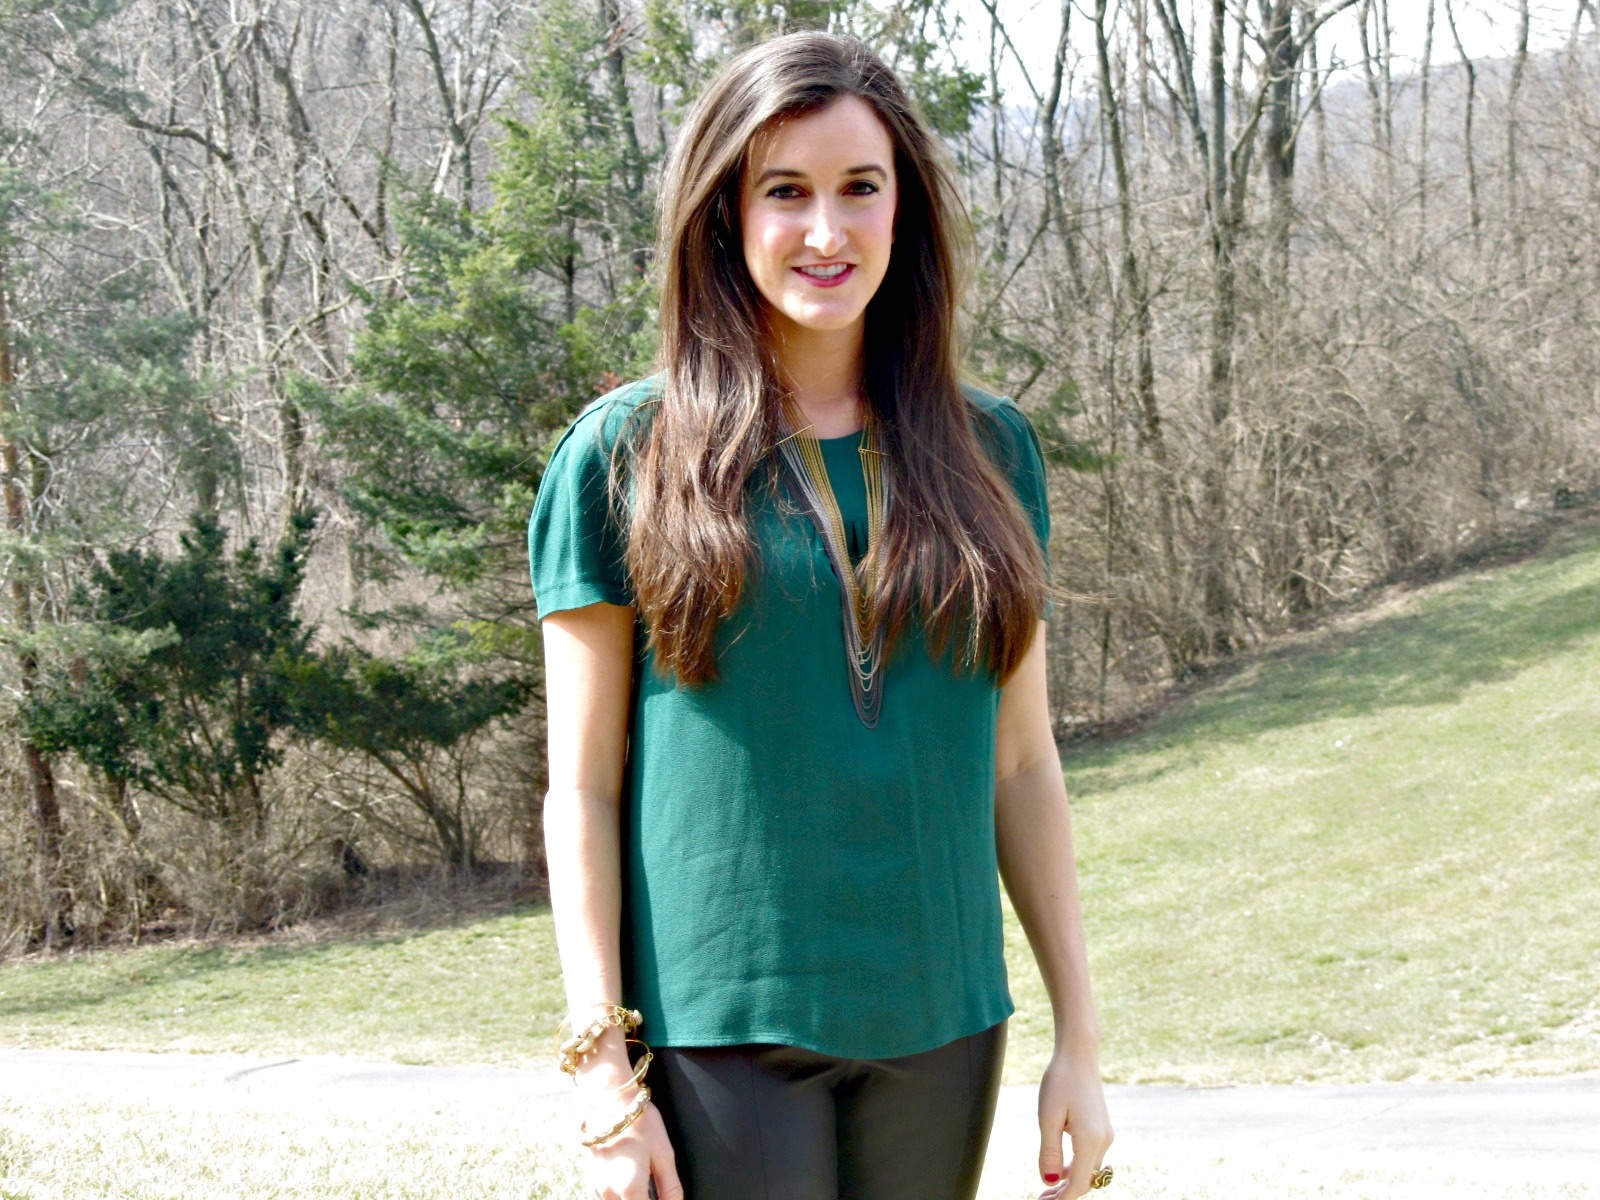 Green Zara Blouse Top, BCBG necklace